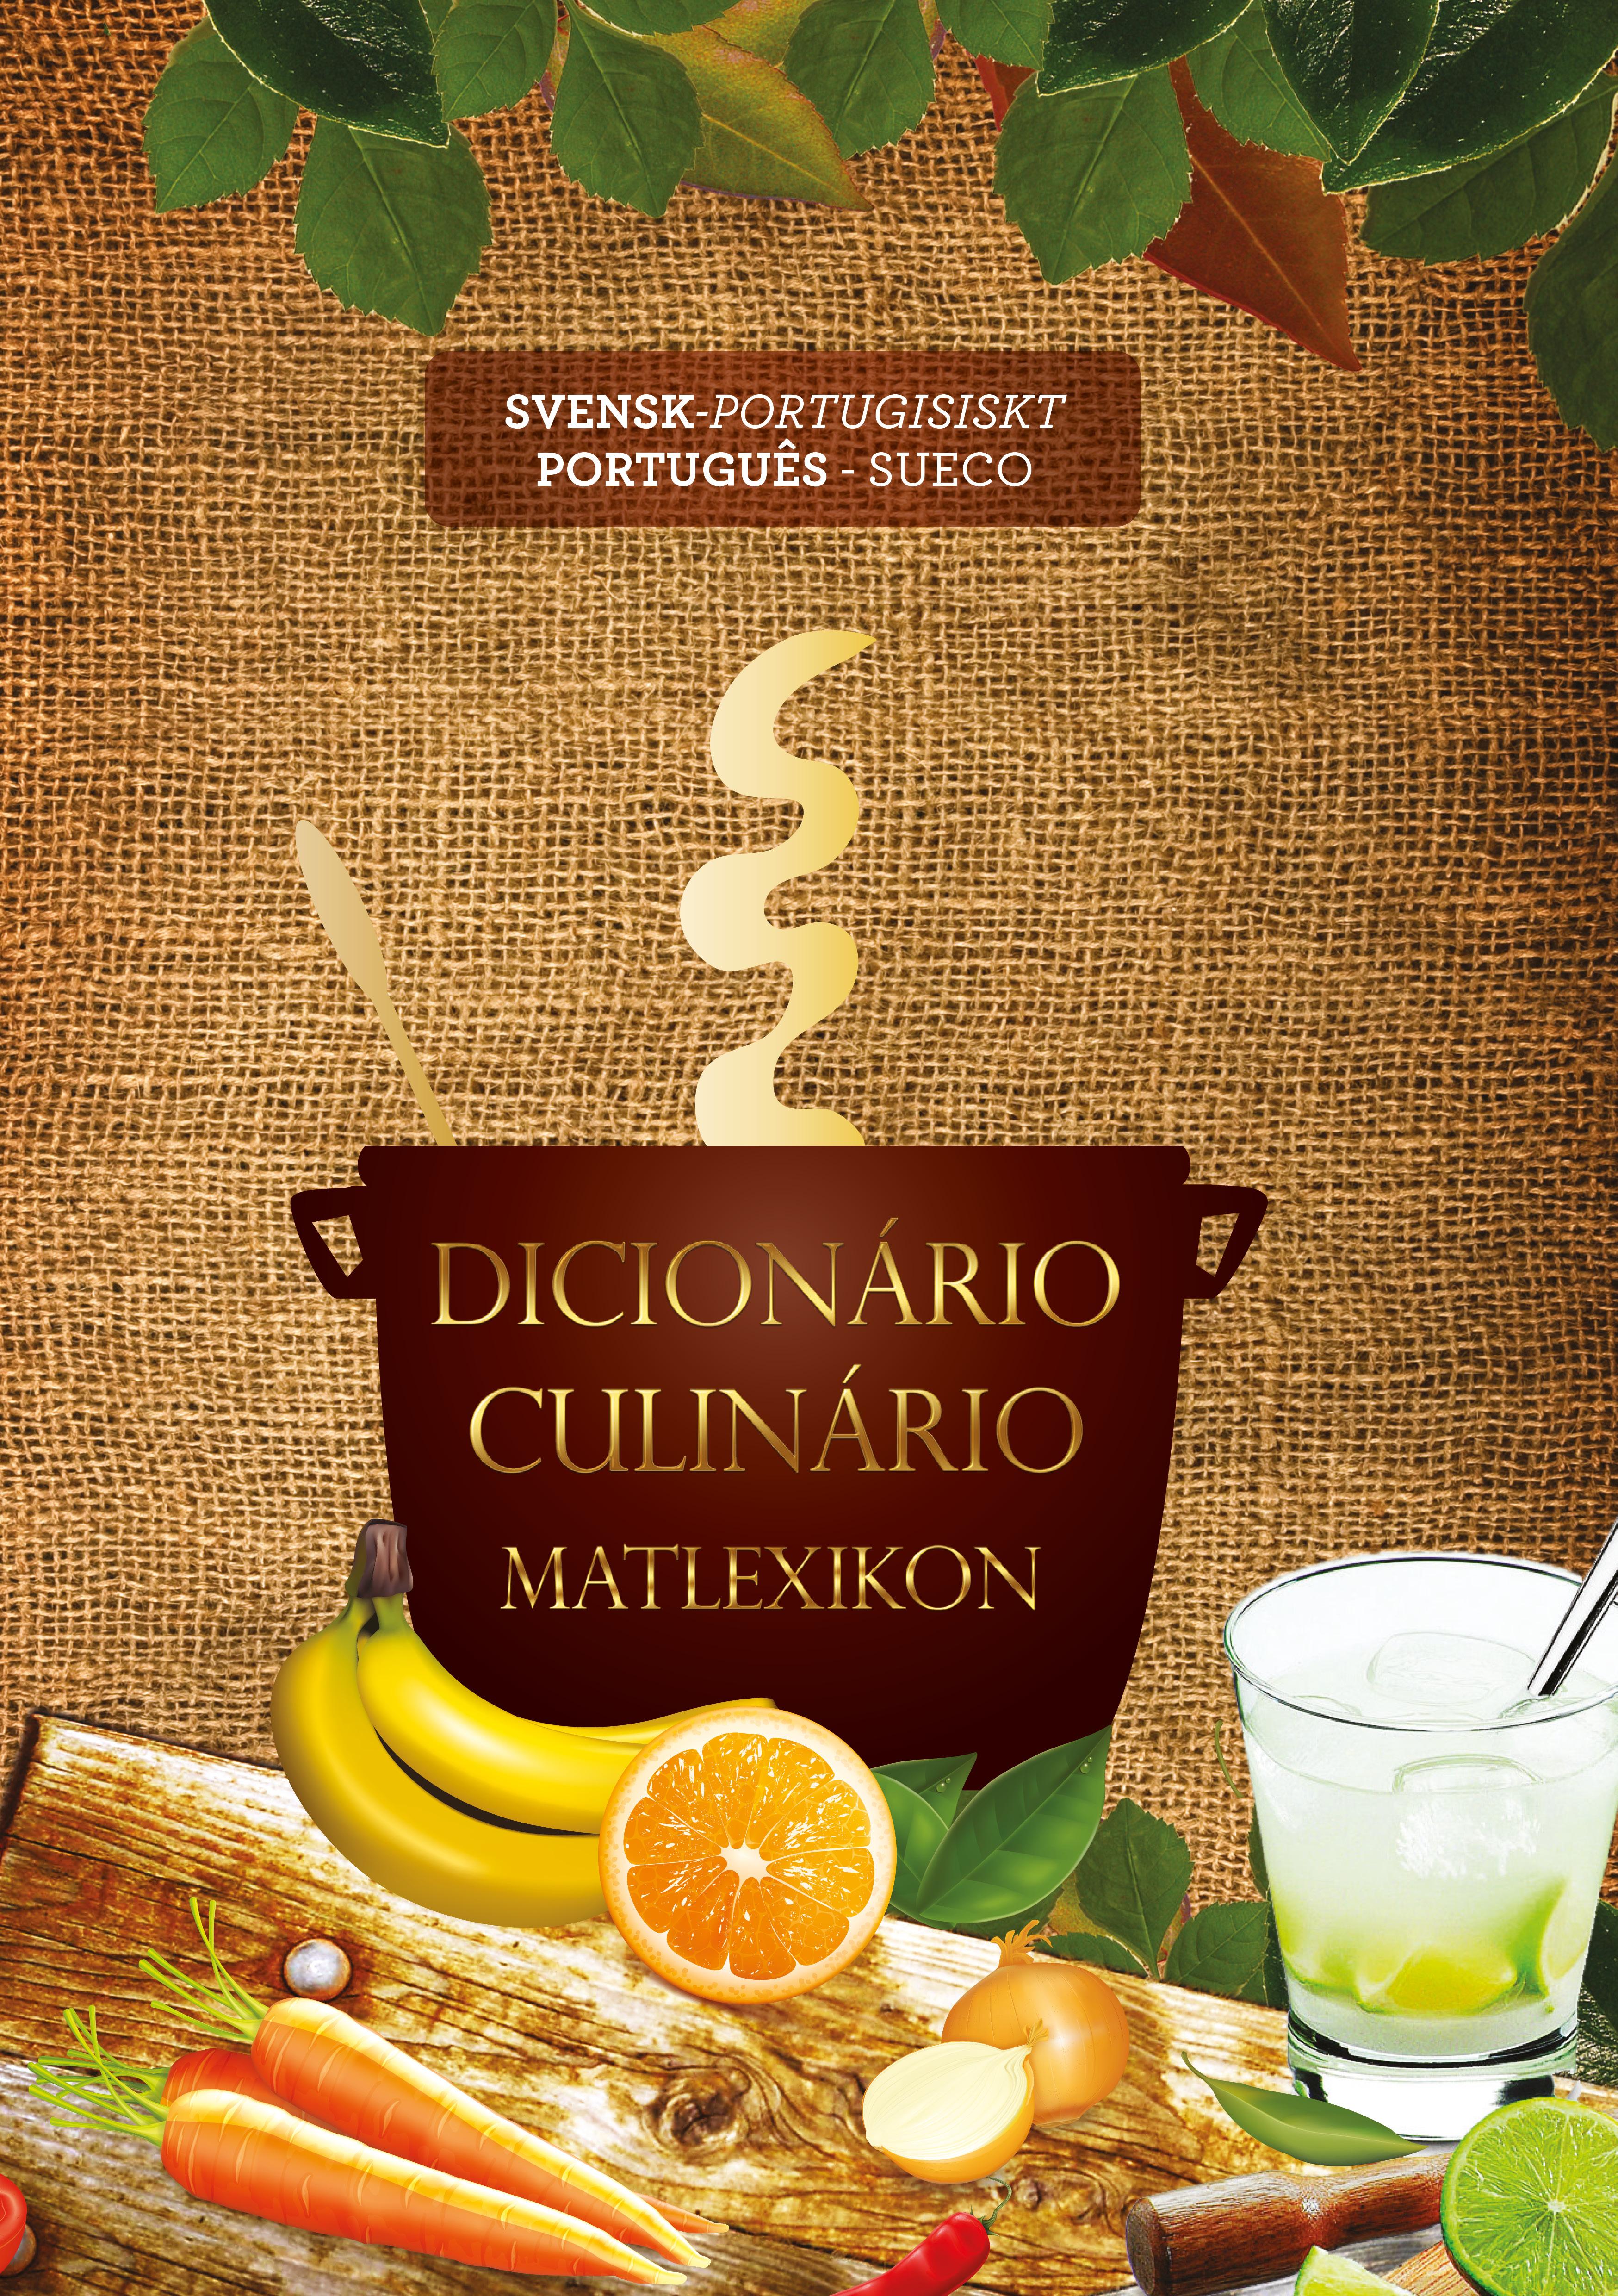 Matlexikon om den gastronomiska och kulinariska världen (svensk-portugisiskt/portugisisk-svenskt) av Riglea Holva